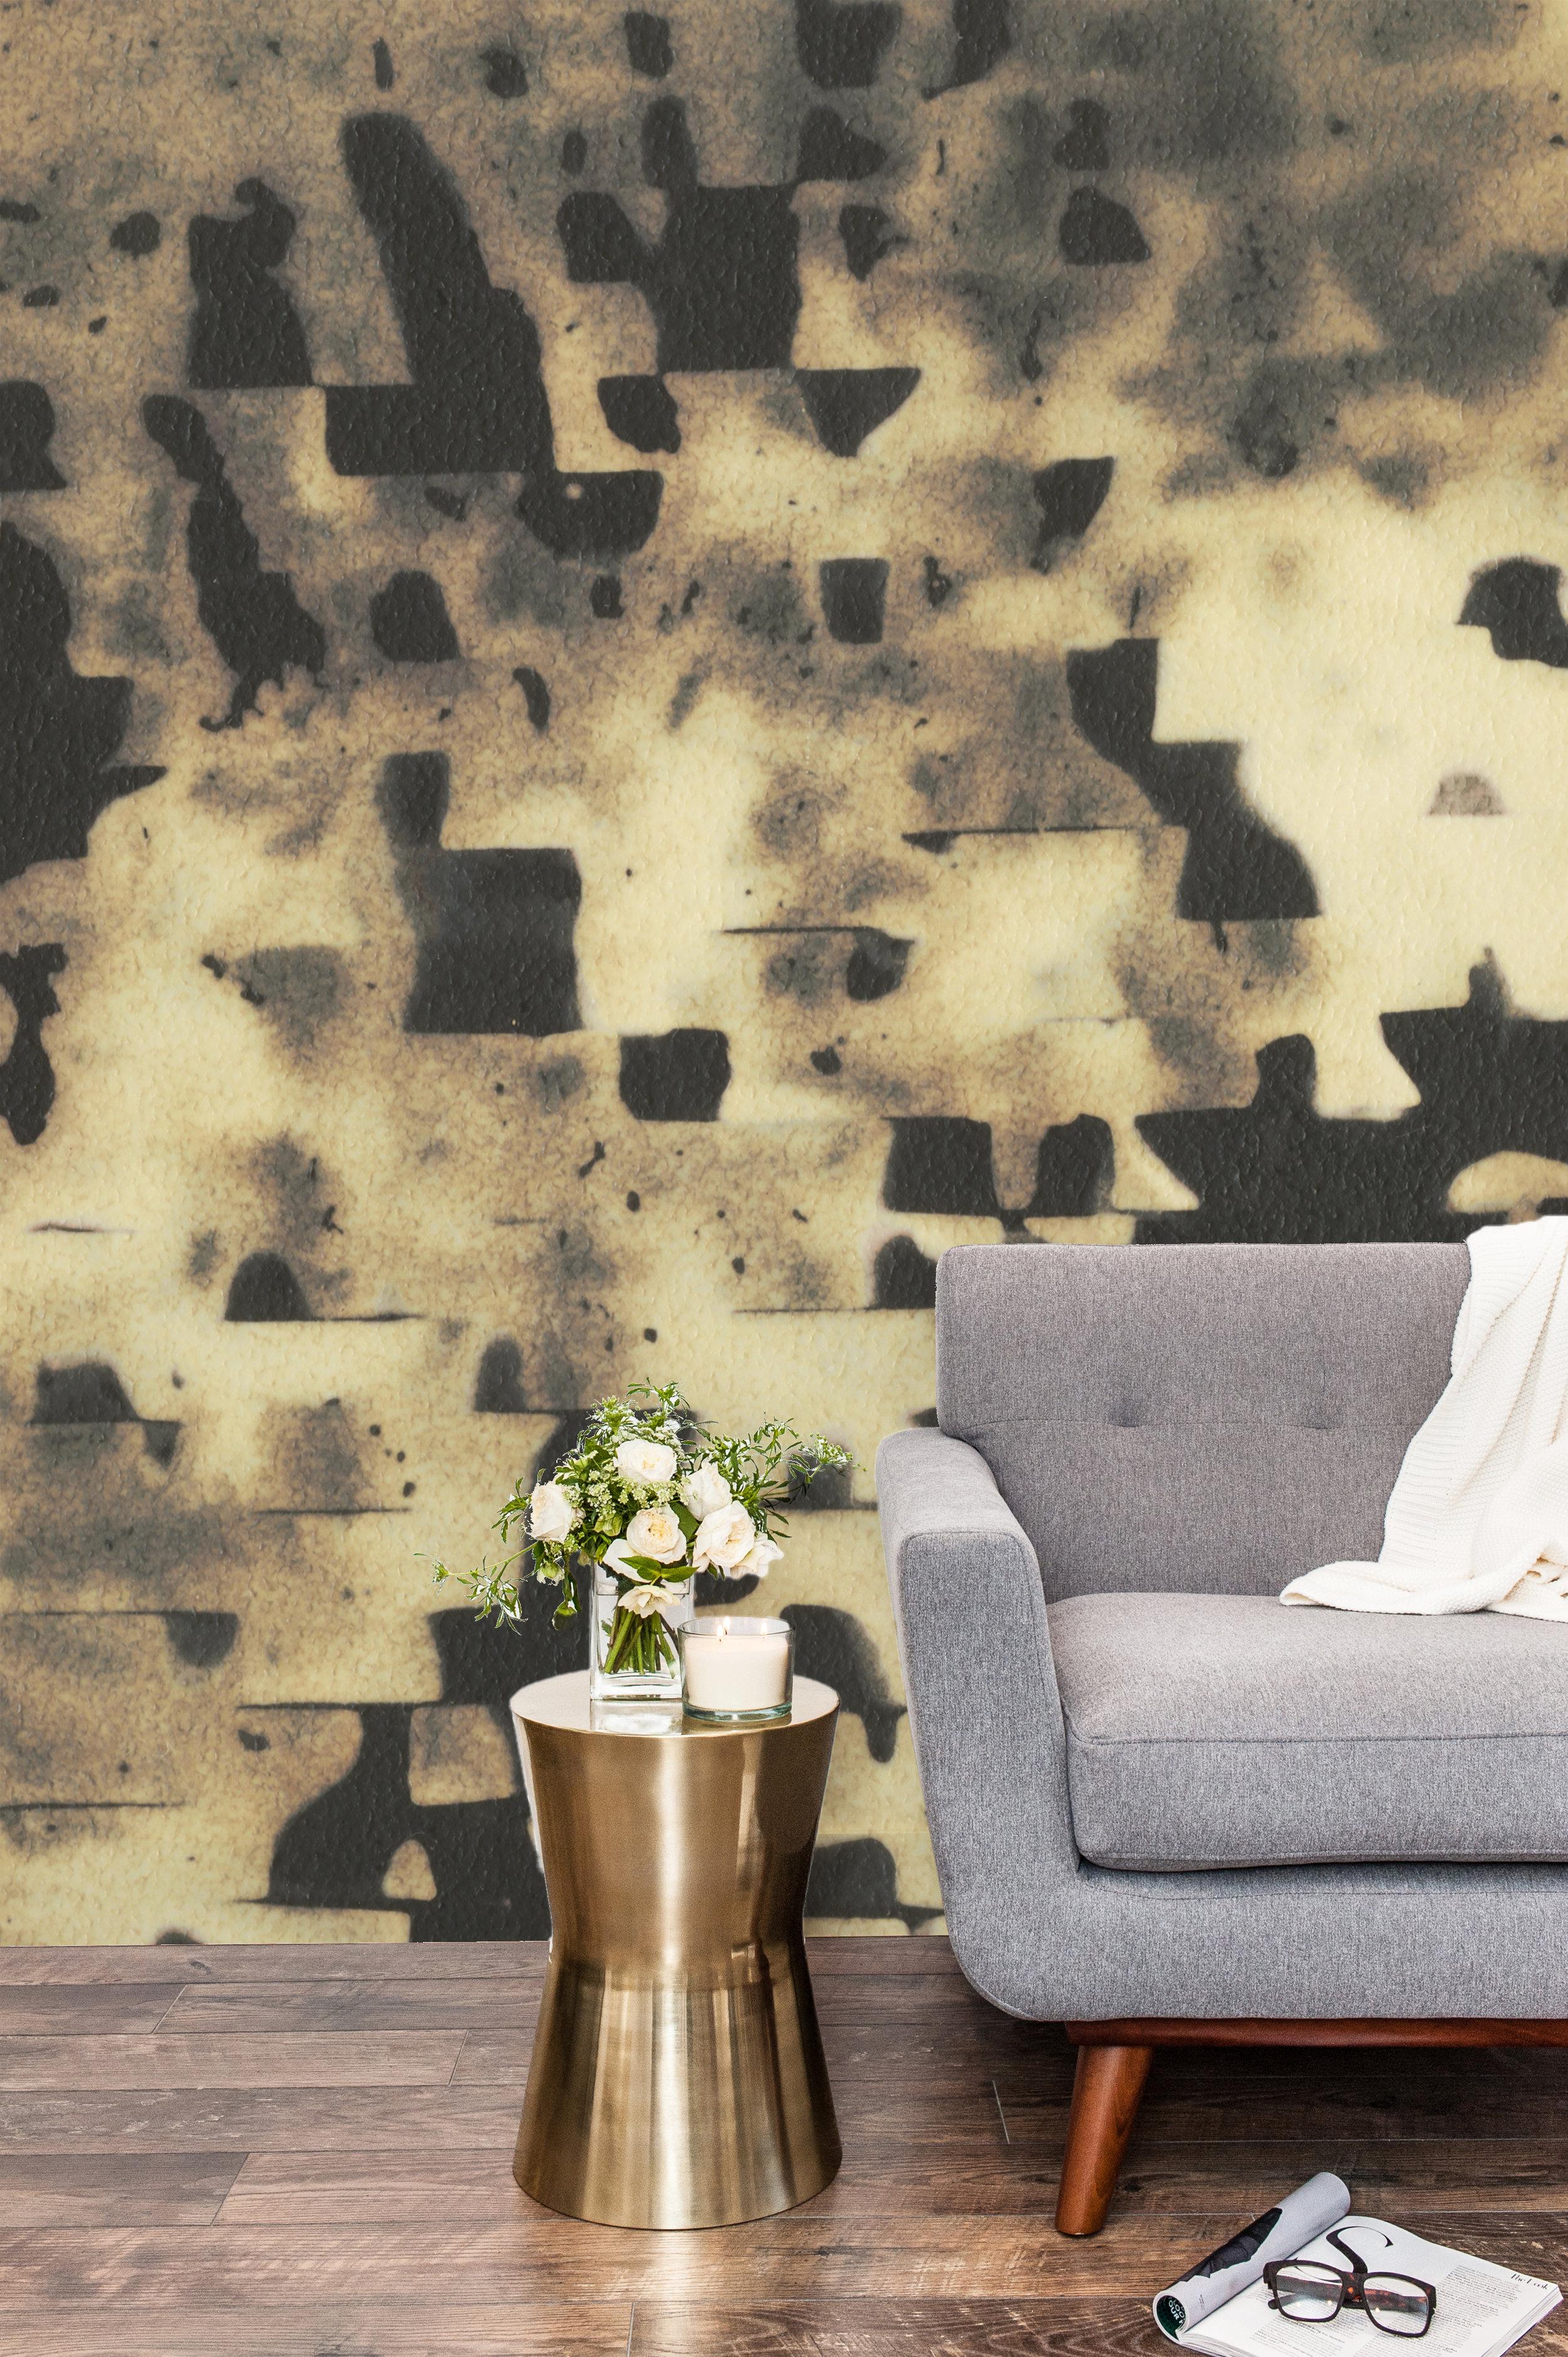 Golden Hour Mural Wallpaper Install